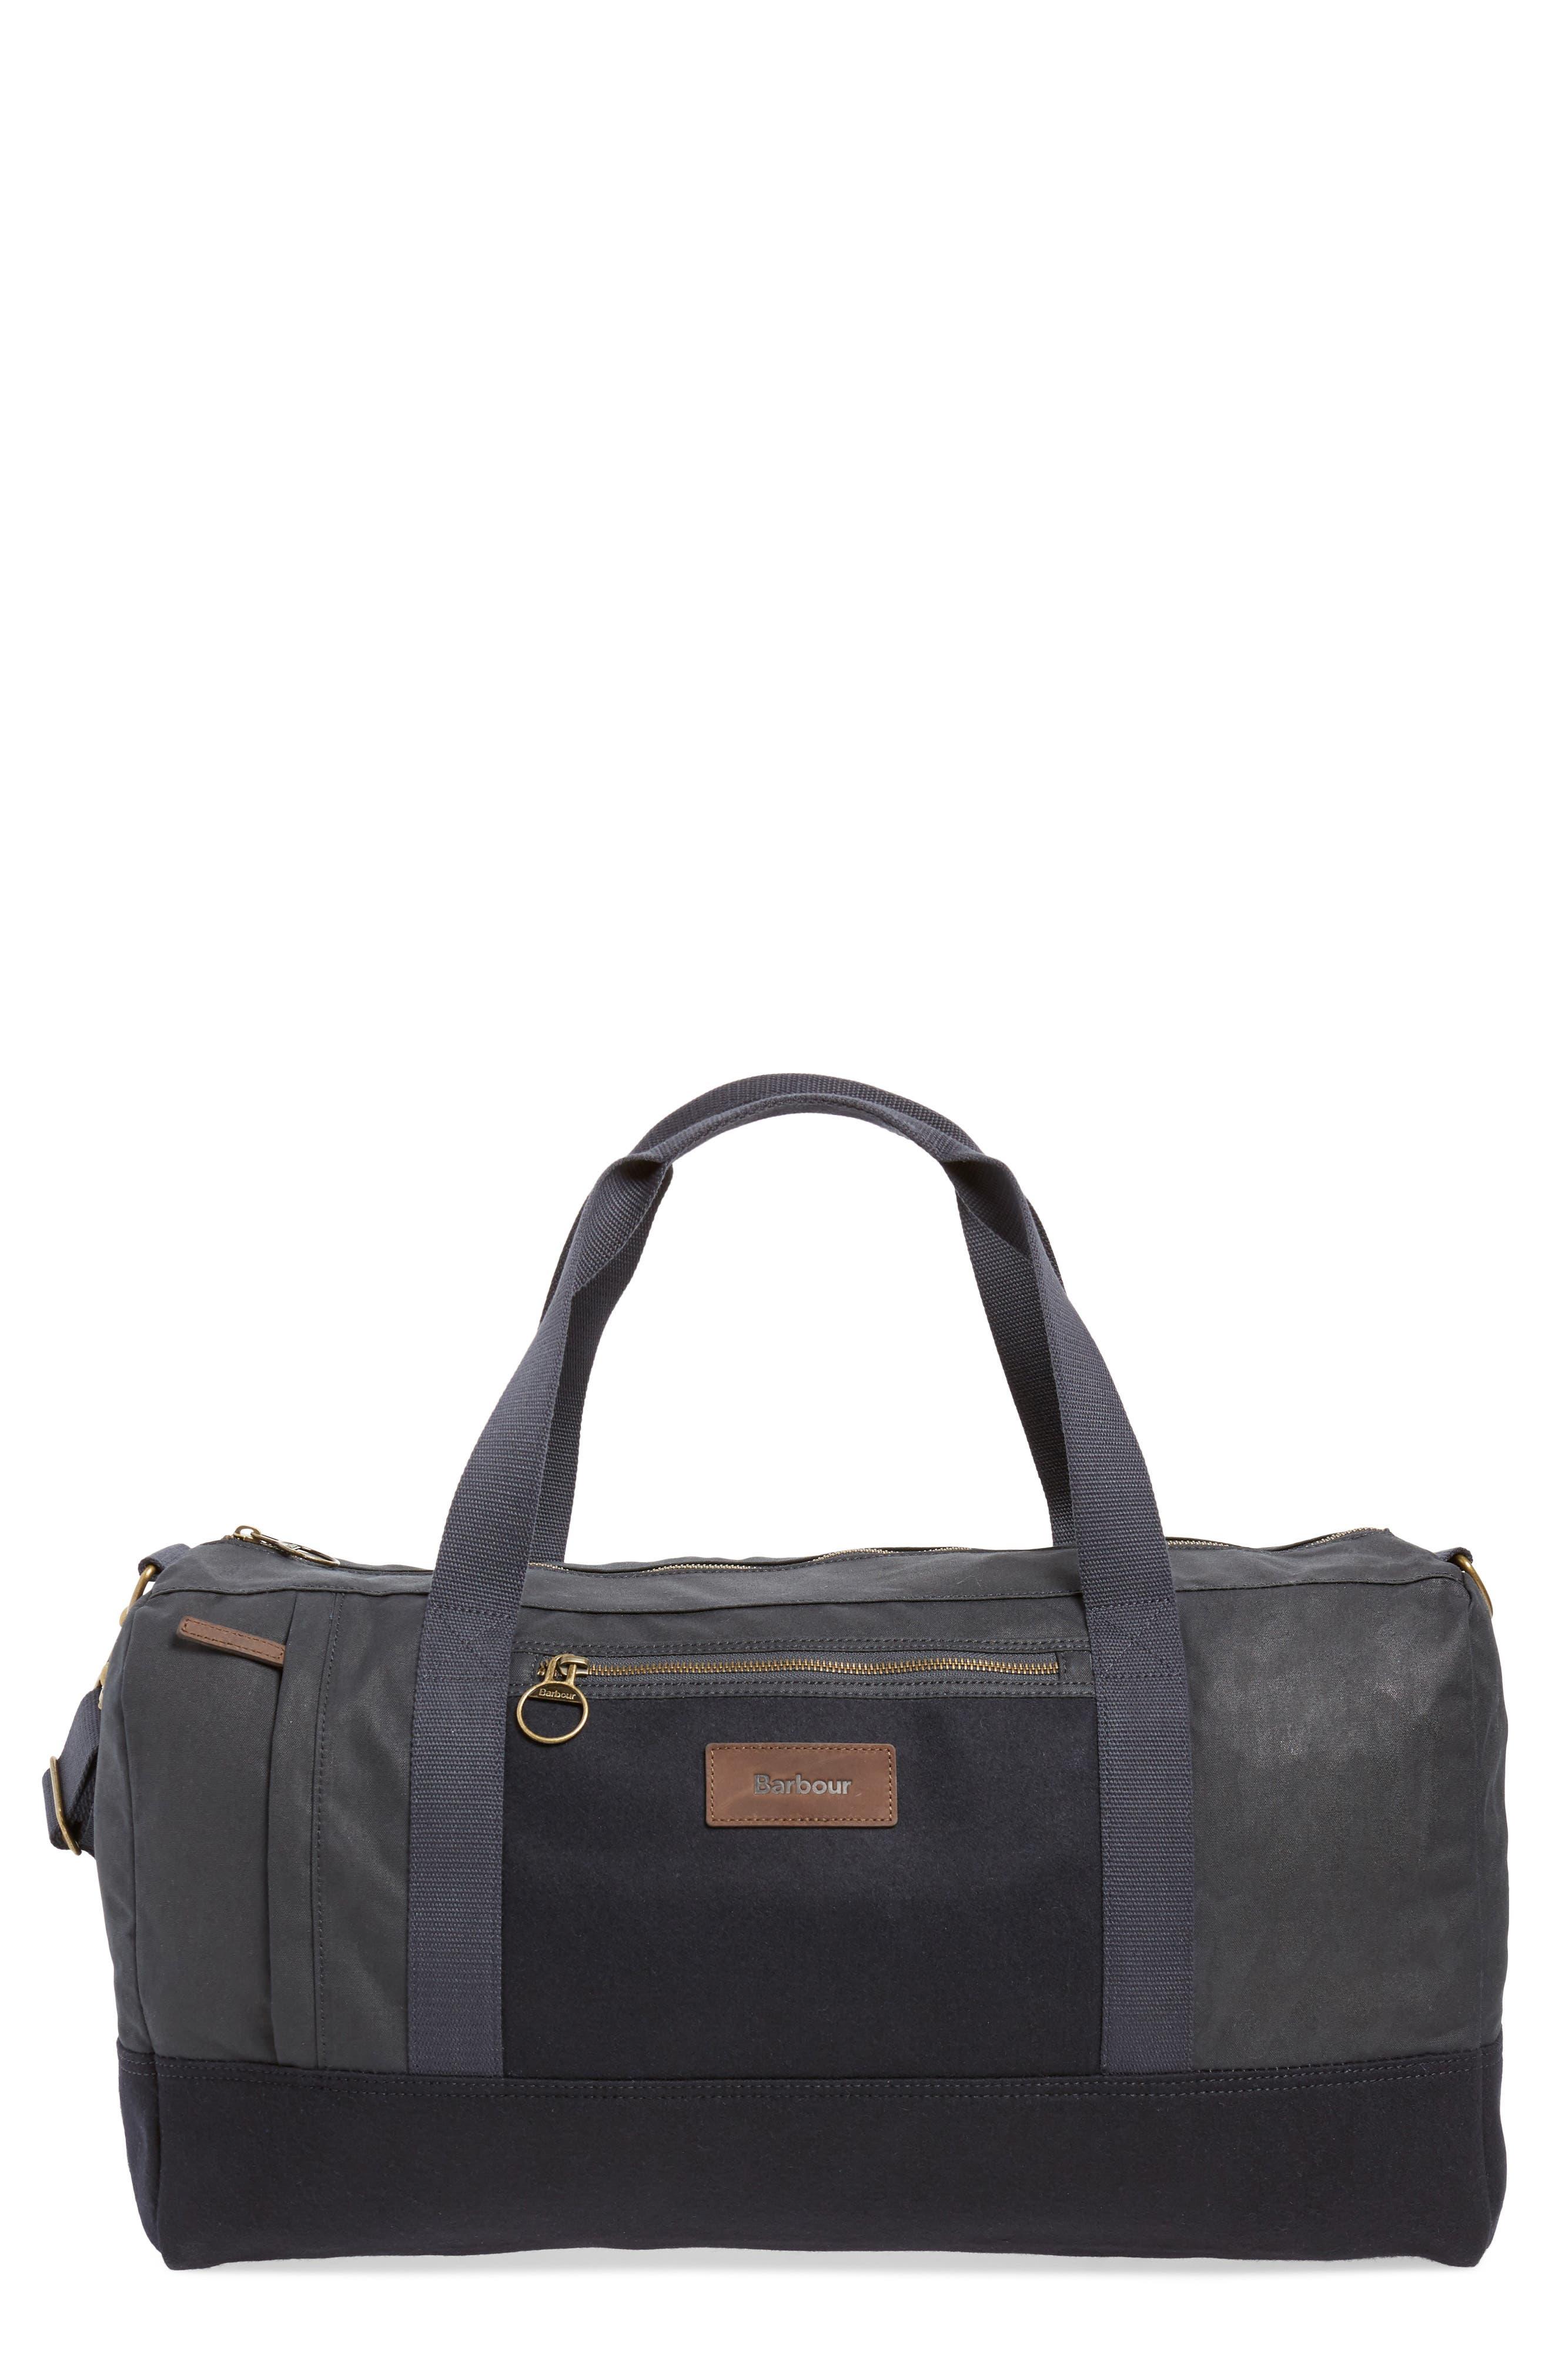 Gisburne Duffel Bag,                         Main,                         color, 400